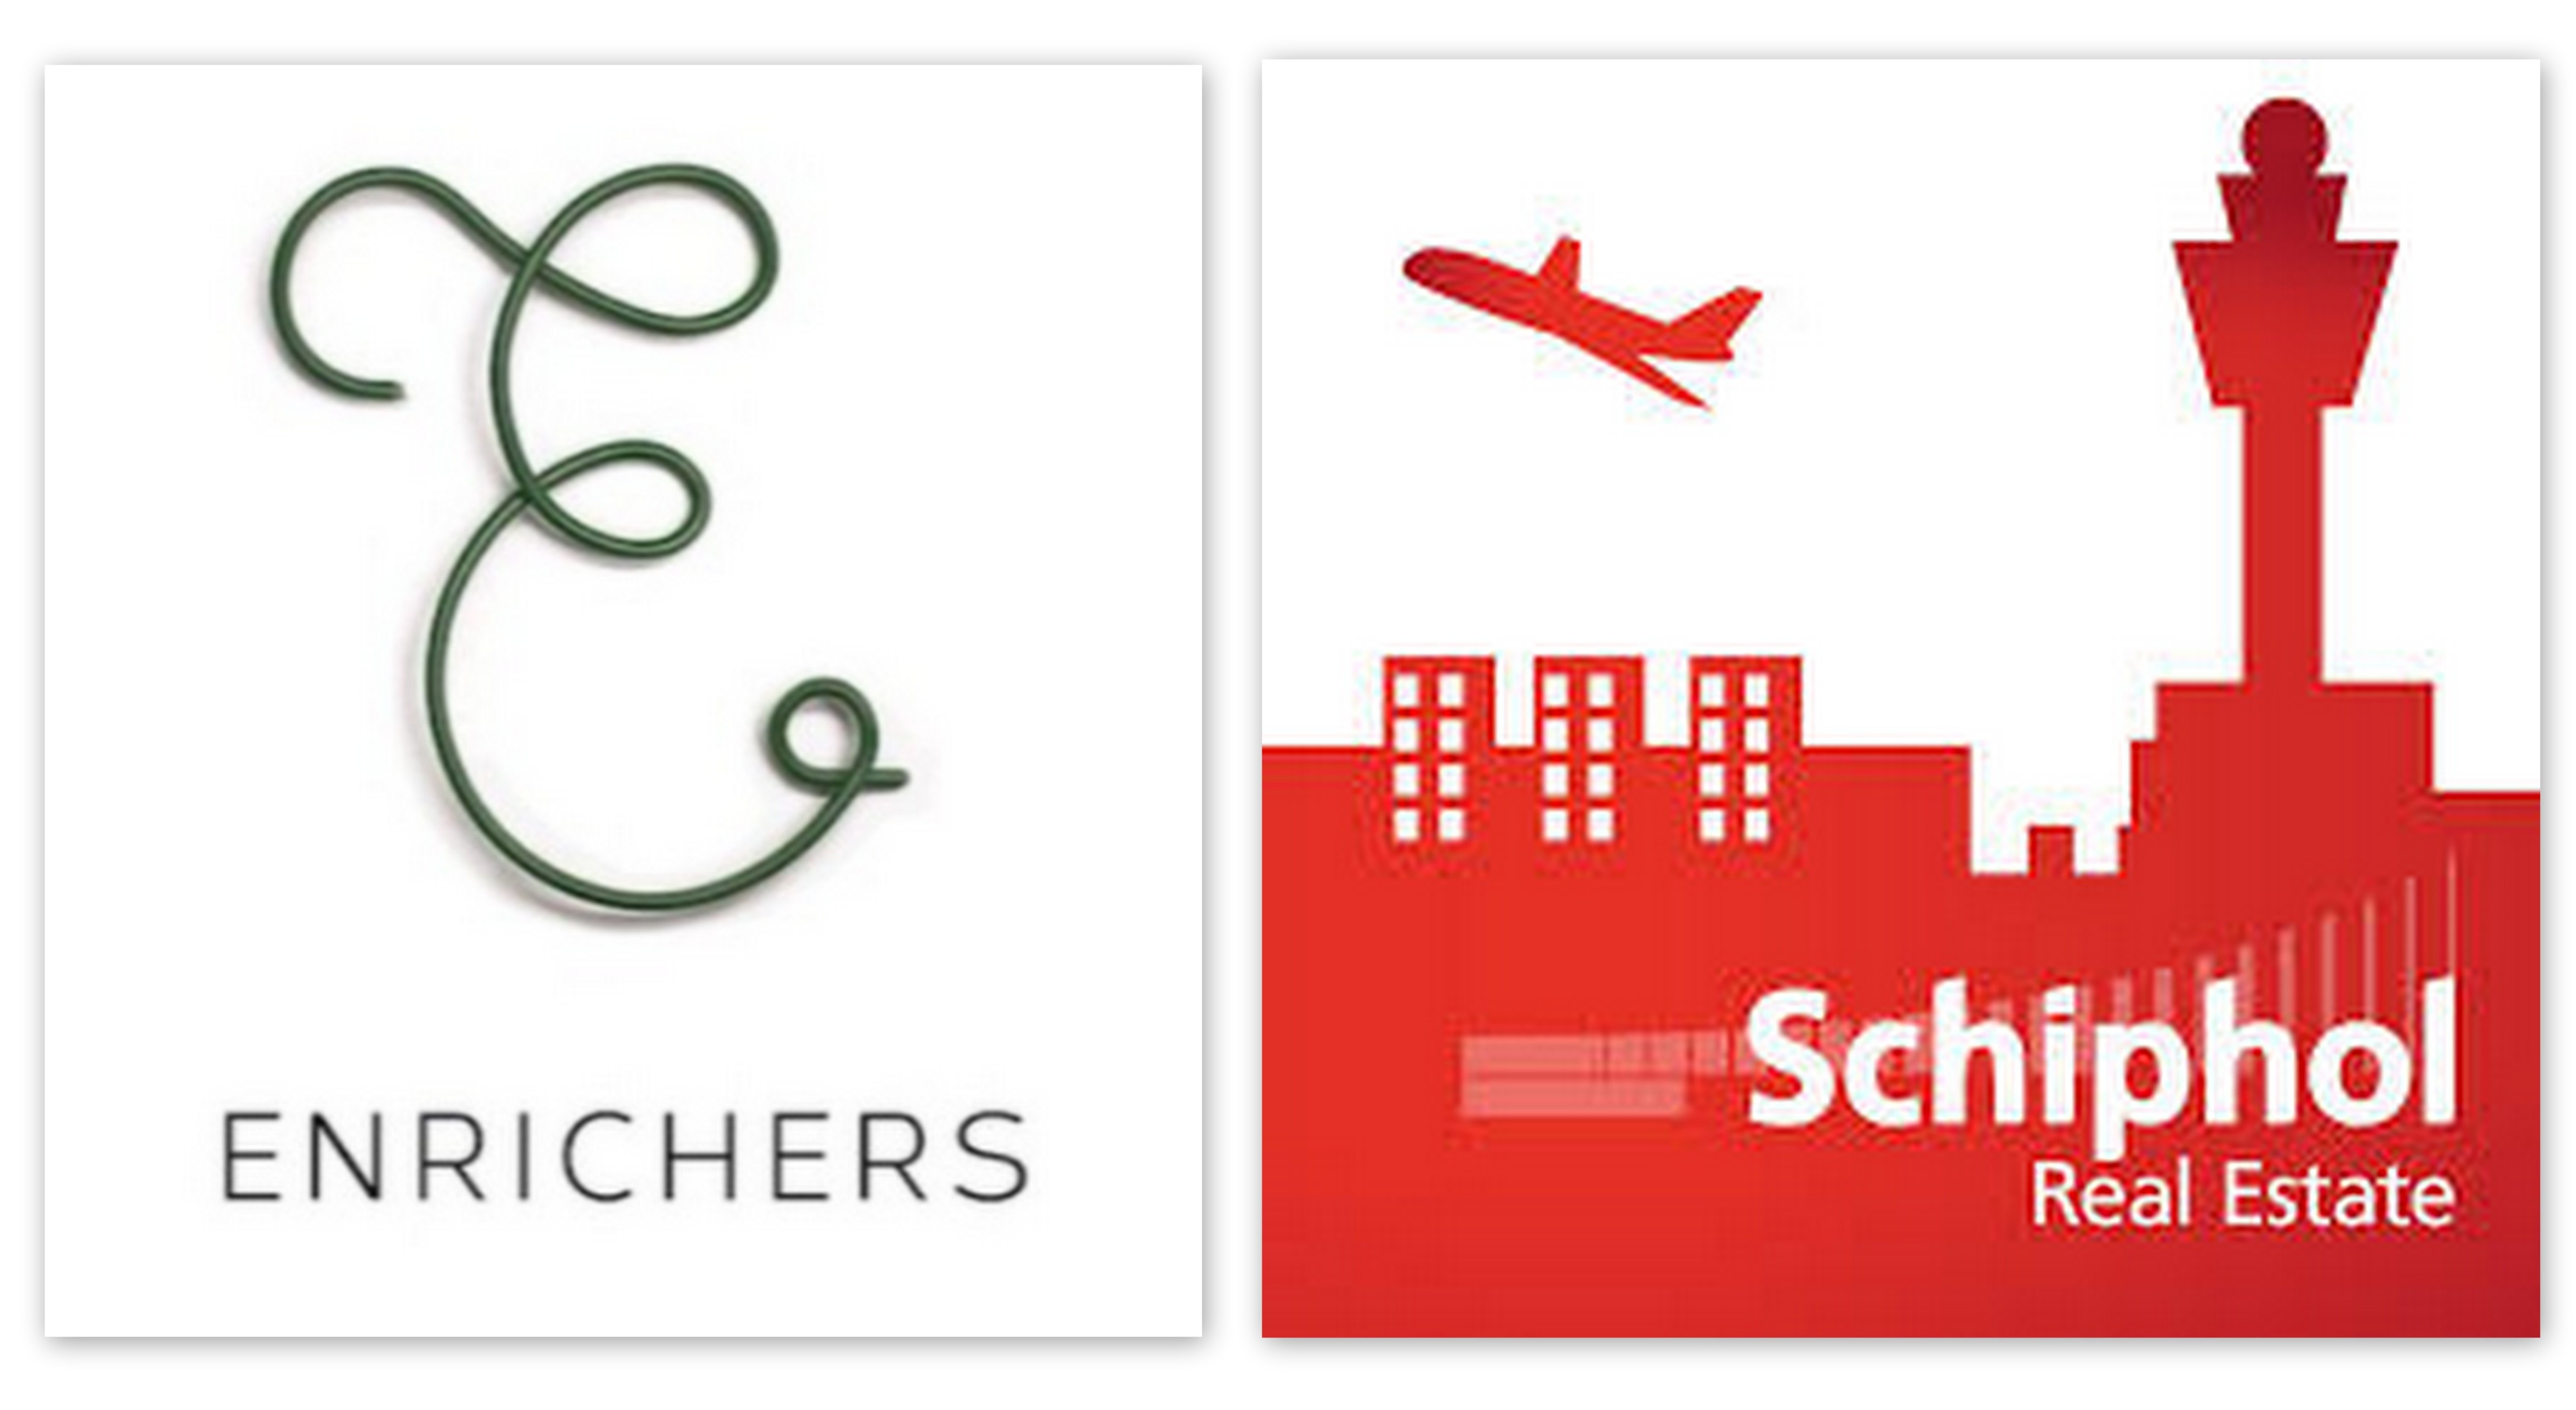 Schiphol Real Estate & Enrichers